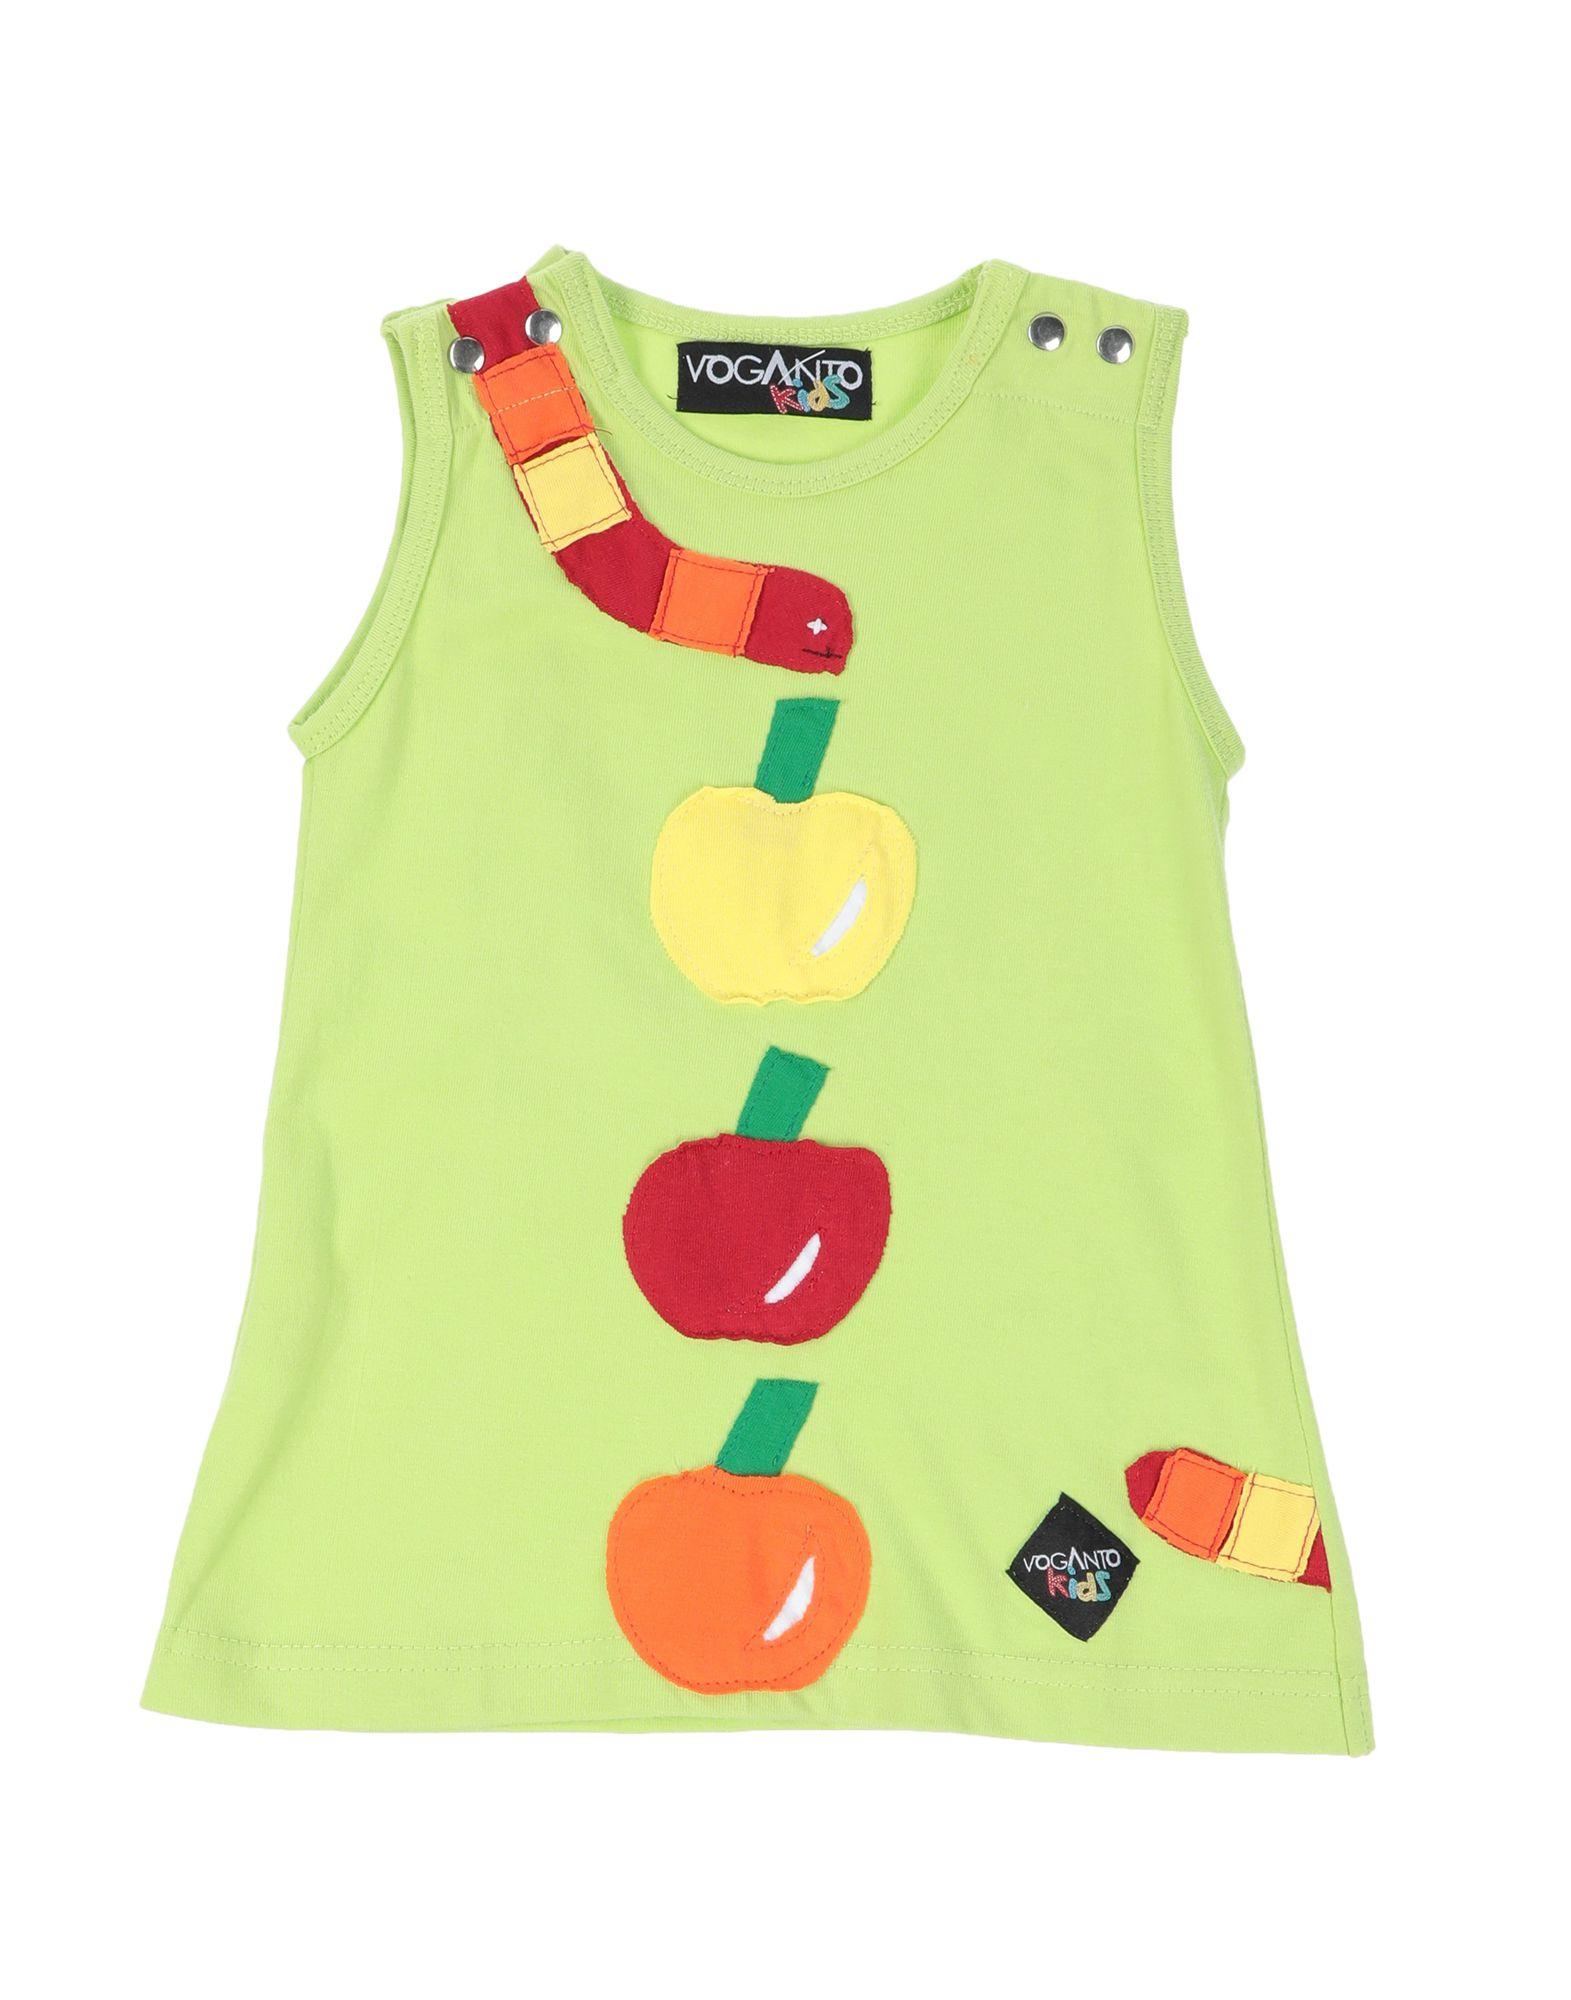 《送料無料》VOGANTO KIDS ガールズ 0-24 ヶ月 ワンピース・ドレス ライトグリーン 12 コットン 100%